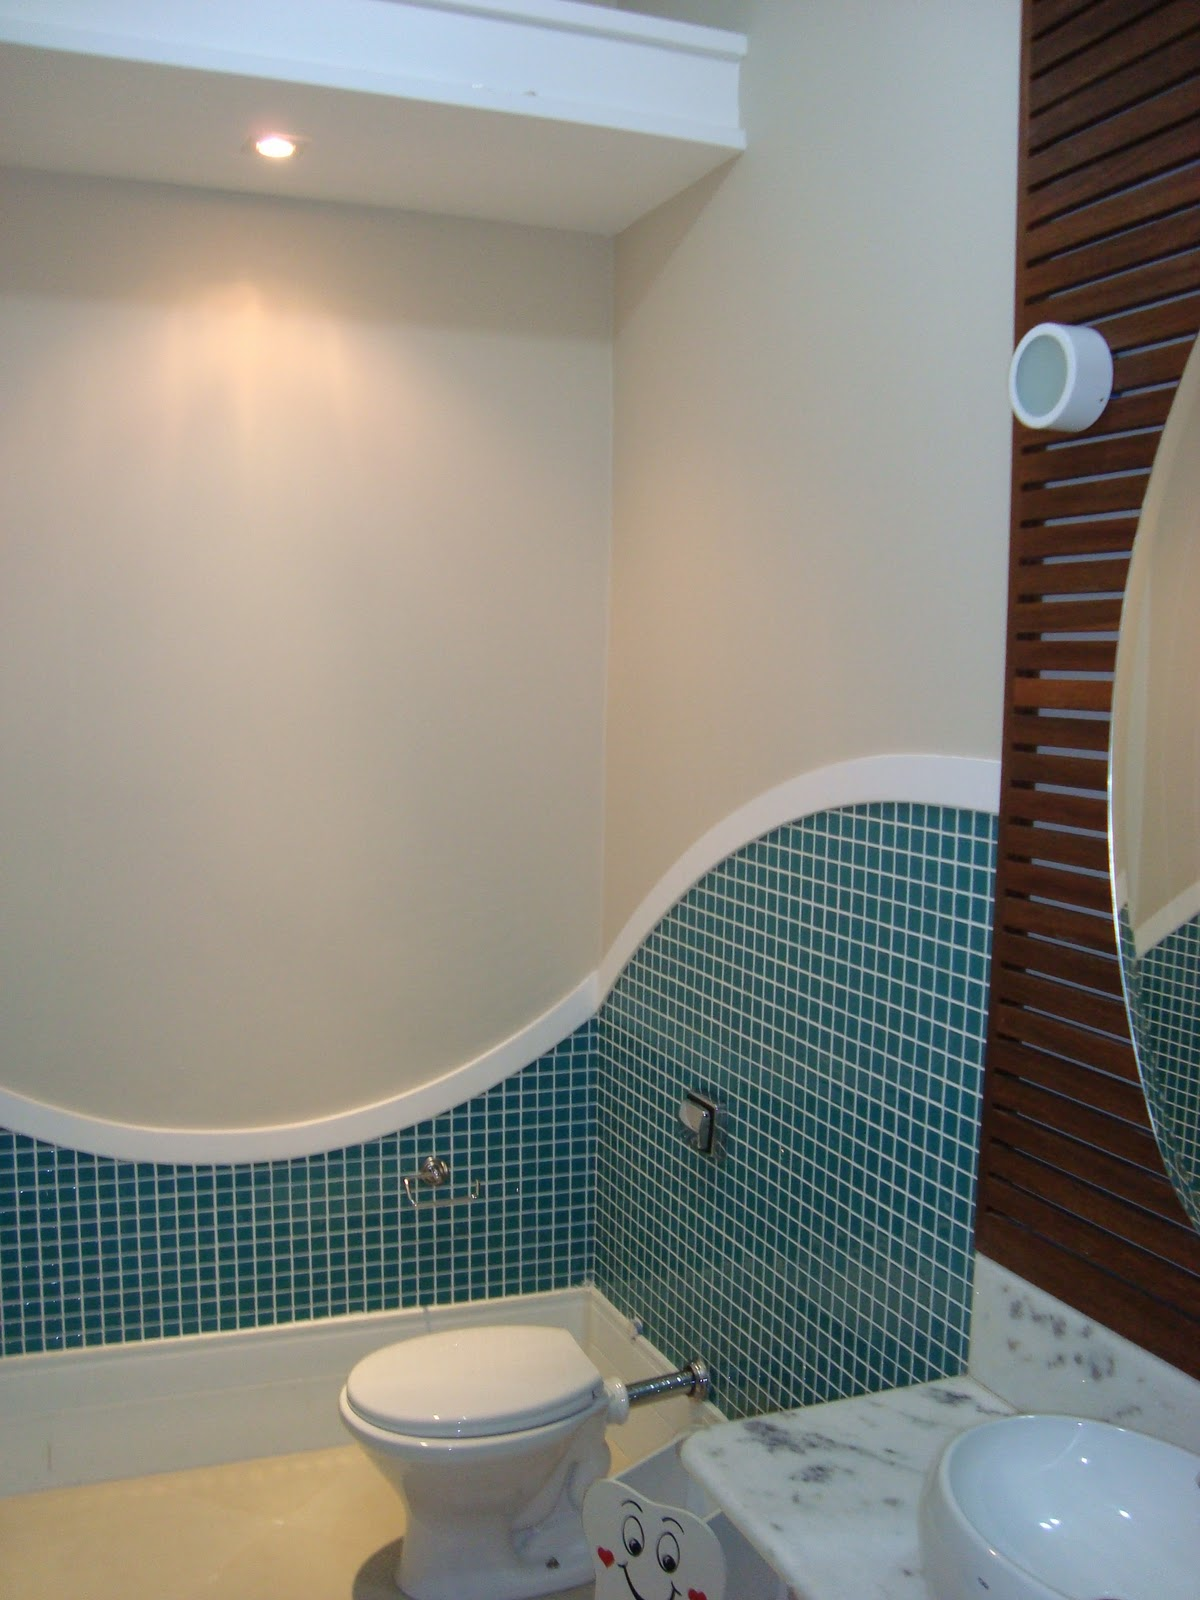 Lavabo rústico: detalhe da bancada de madeira e cuba em mármore  #31505A 1200x1600 Bancada Banheiro Rustico